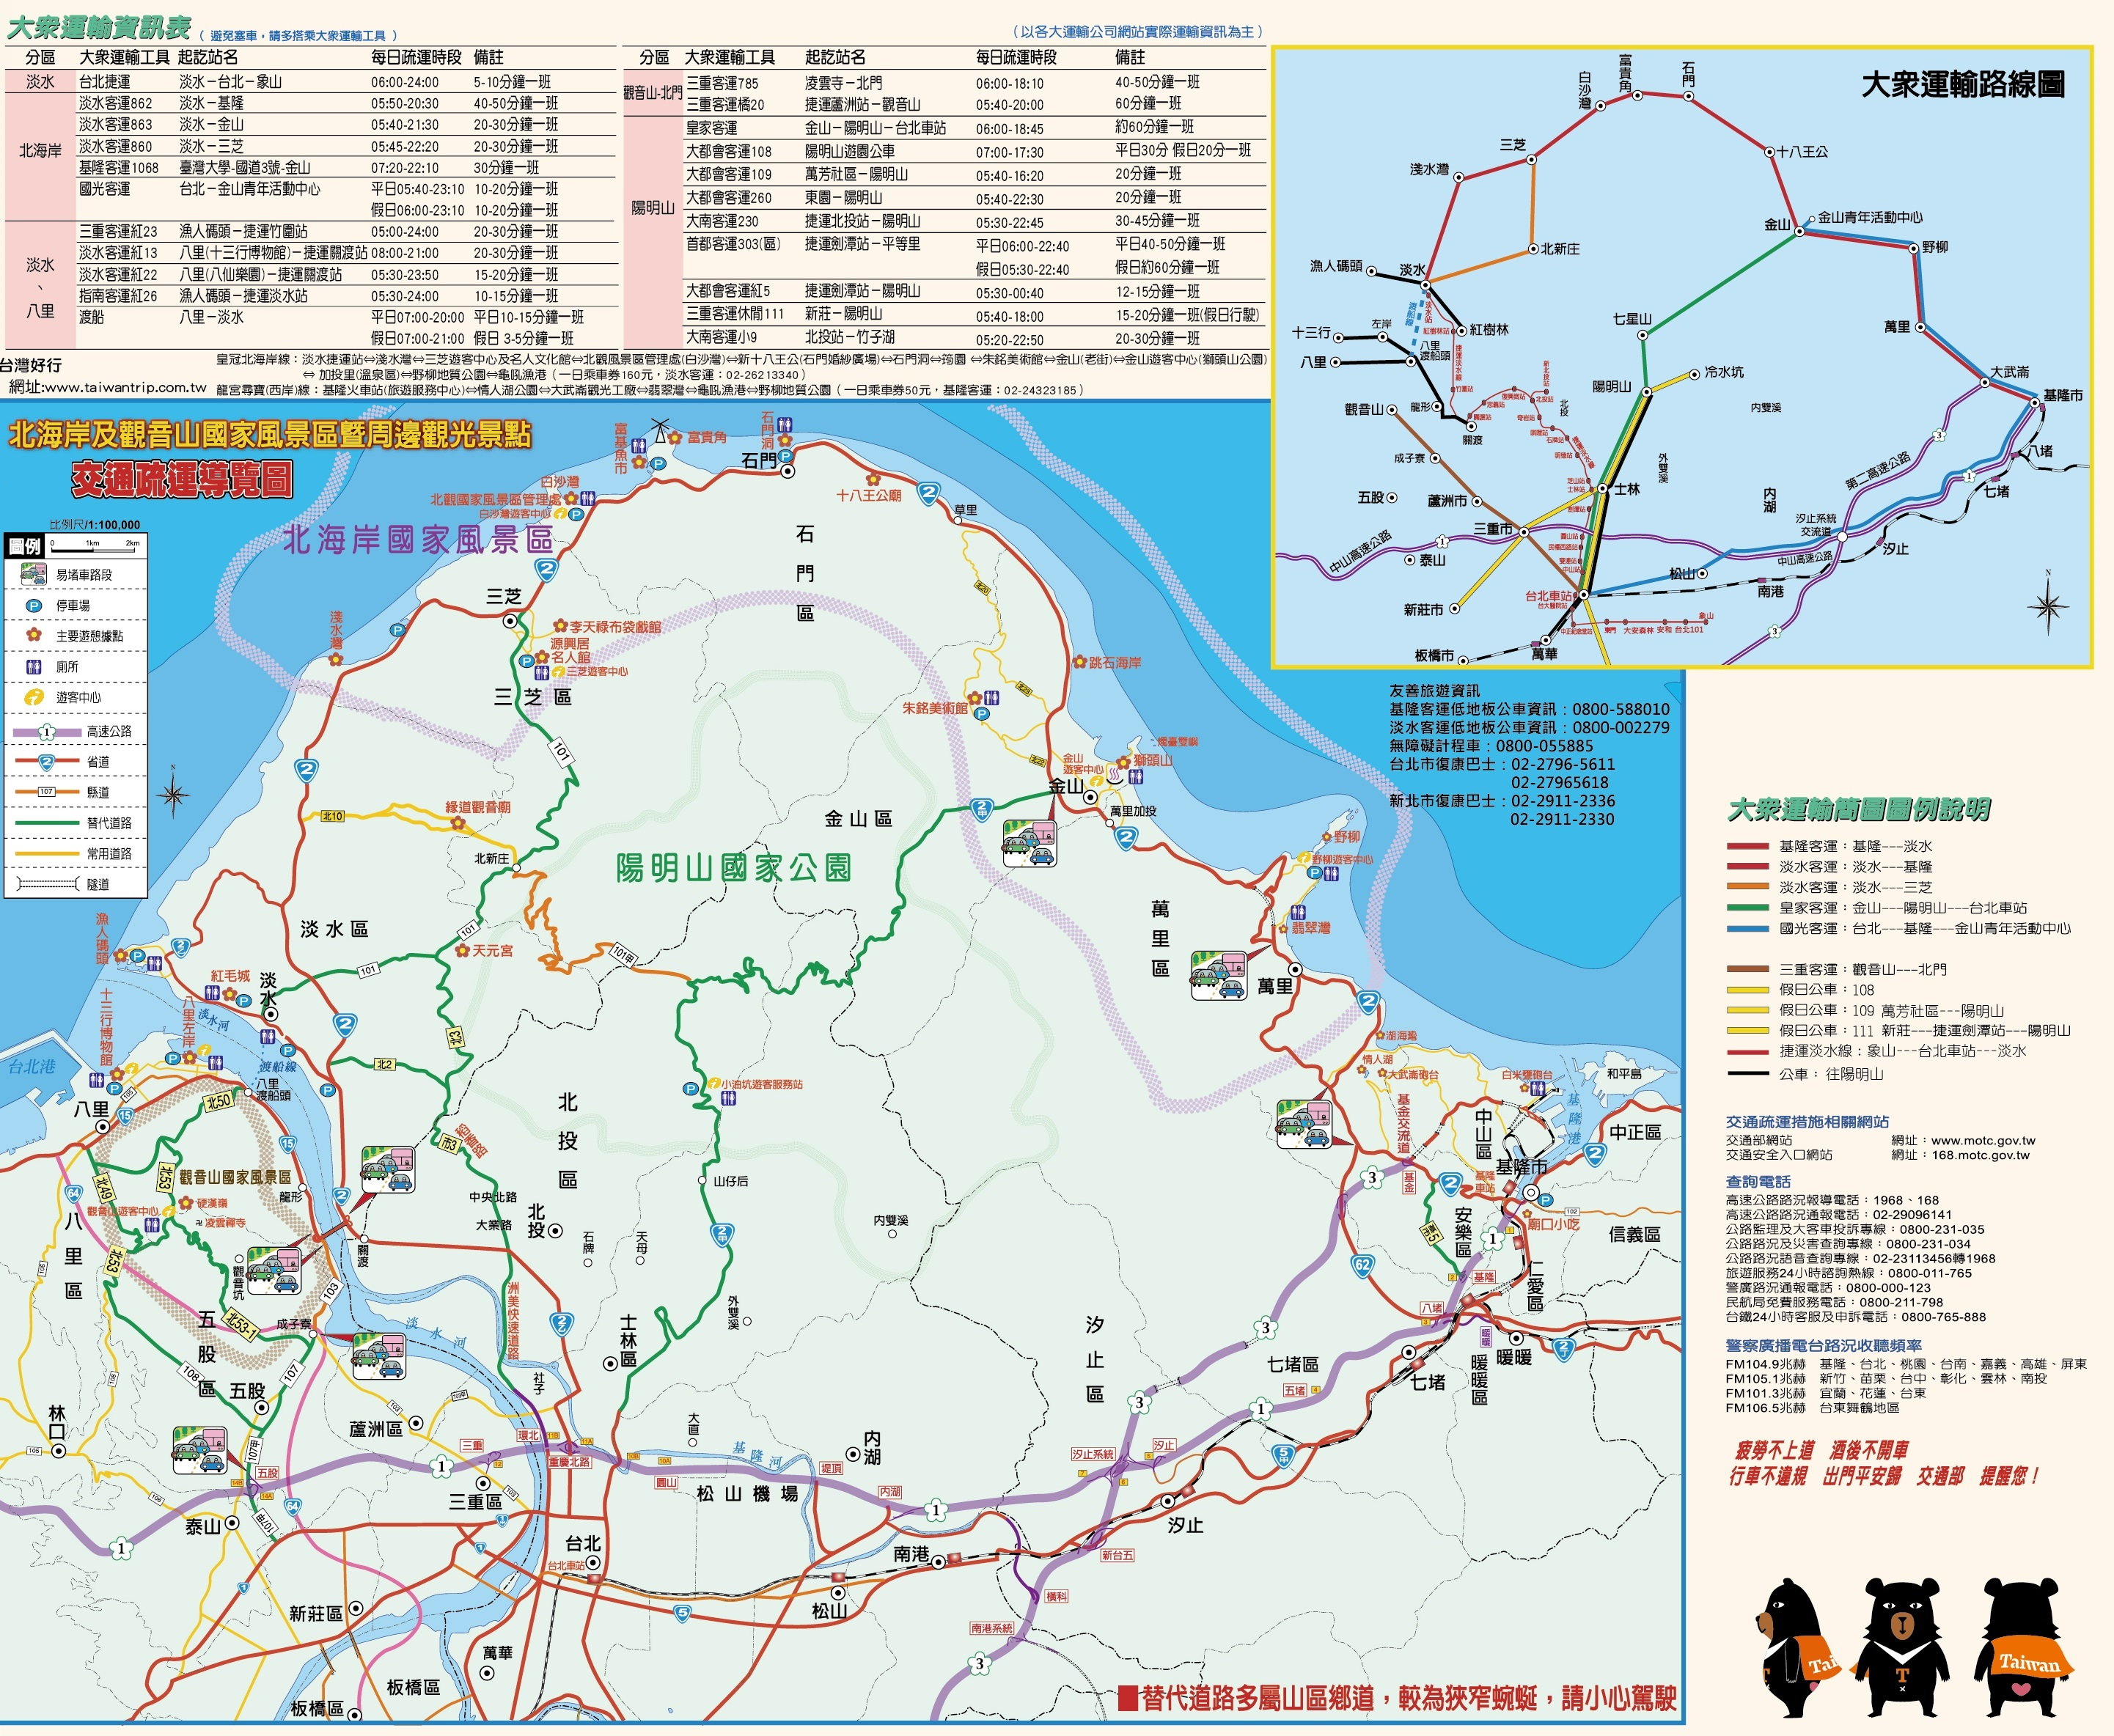 北海岸及观音山风景区联外道路地图